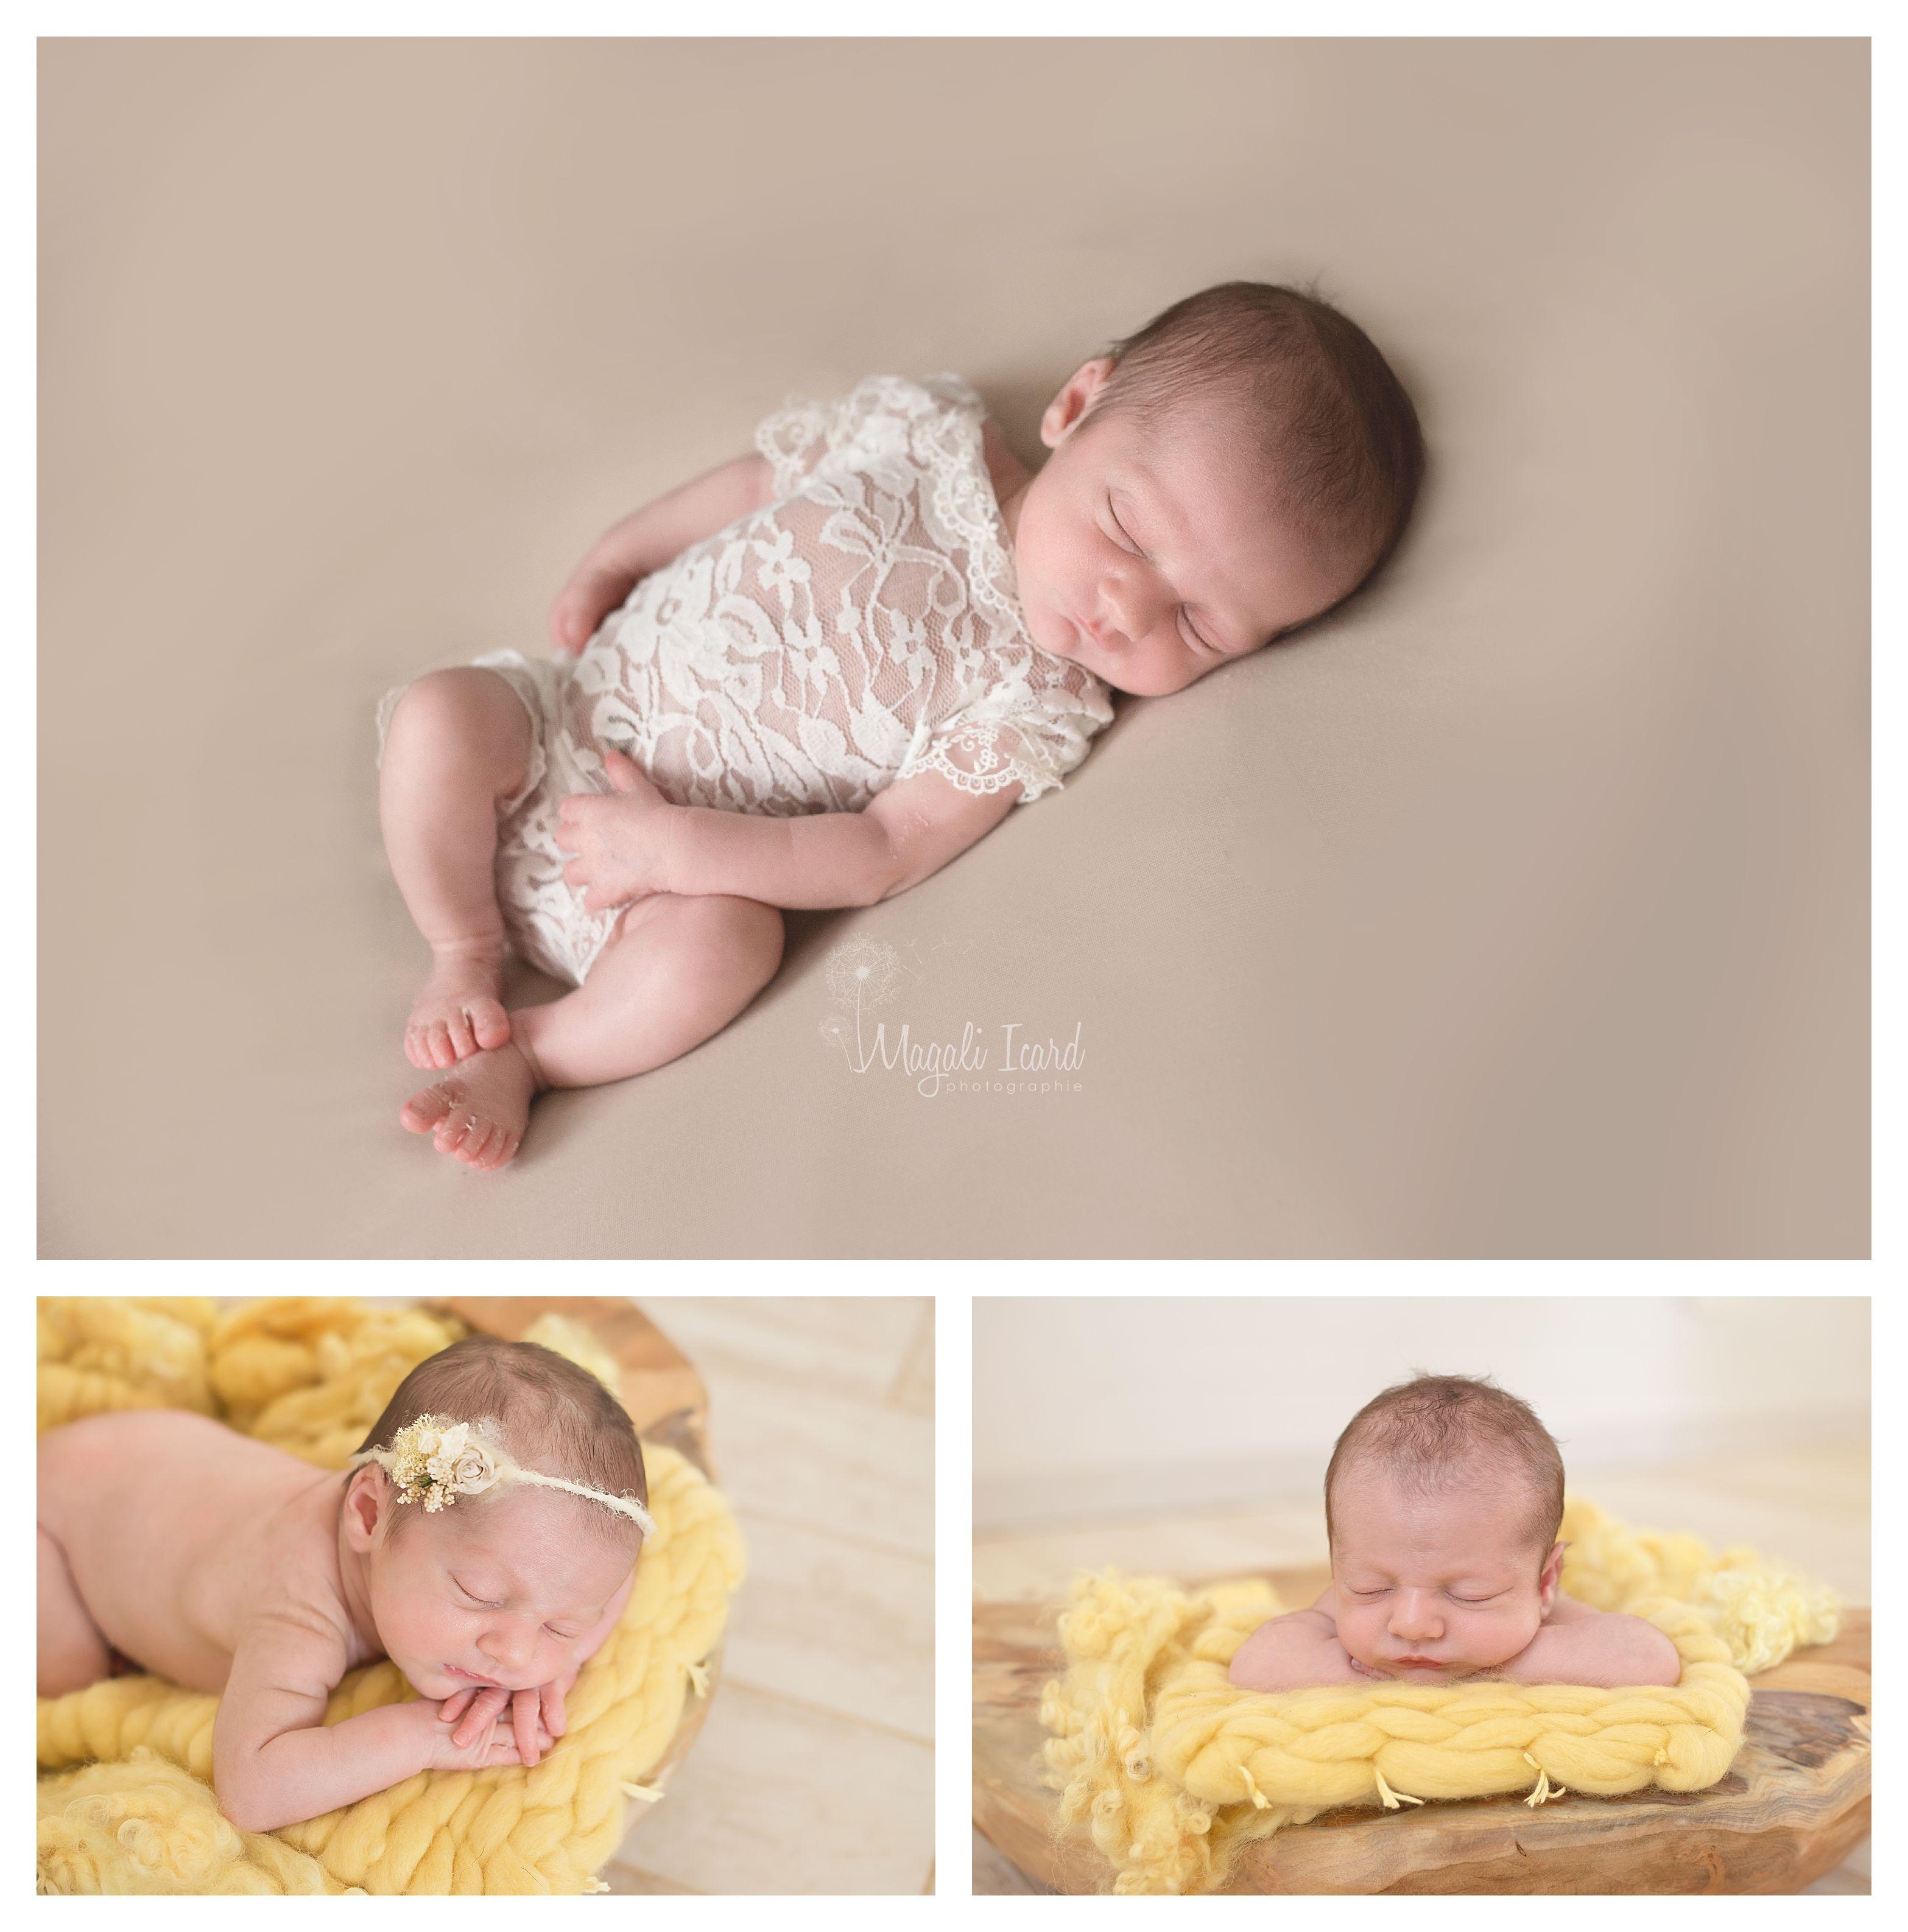 séance photo bébé fille drome